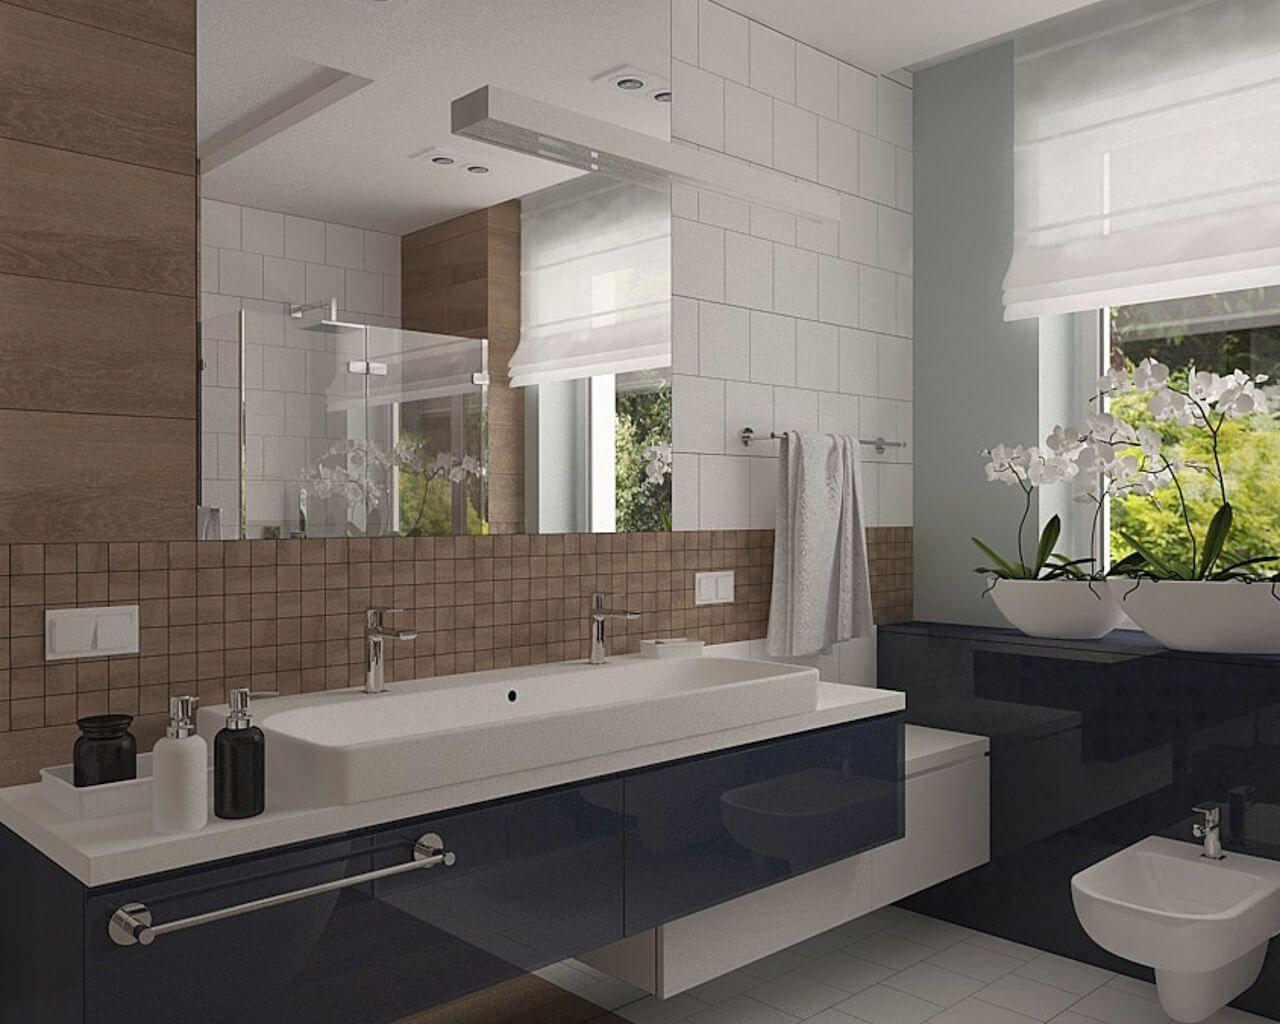 Ceramiczne Drewno Granat I Biel W łazience Z Oknem